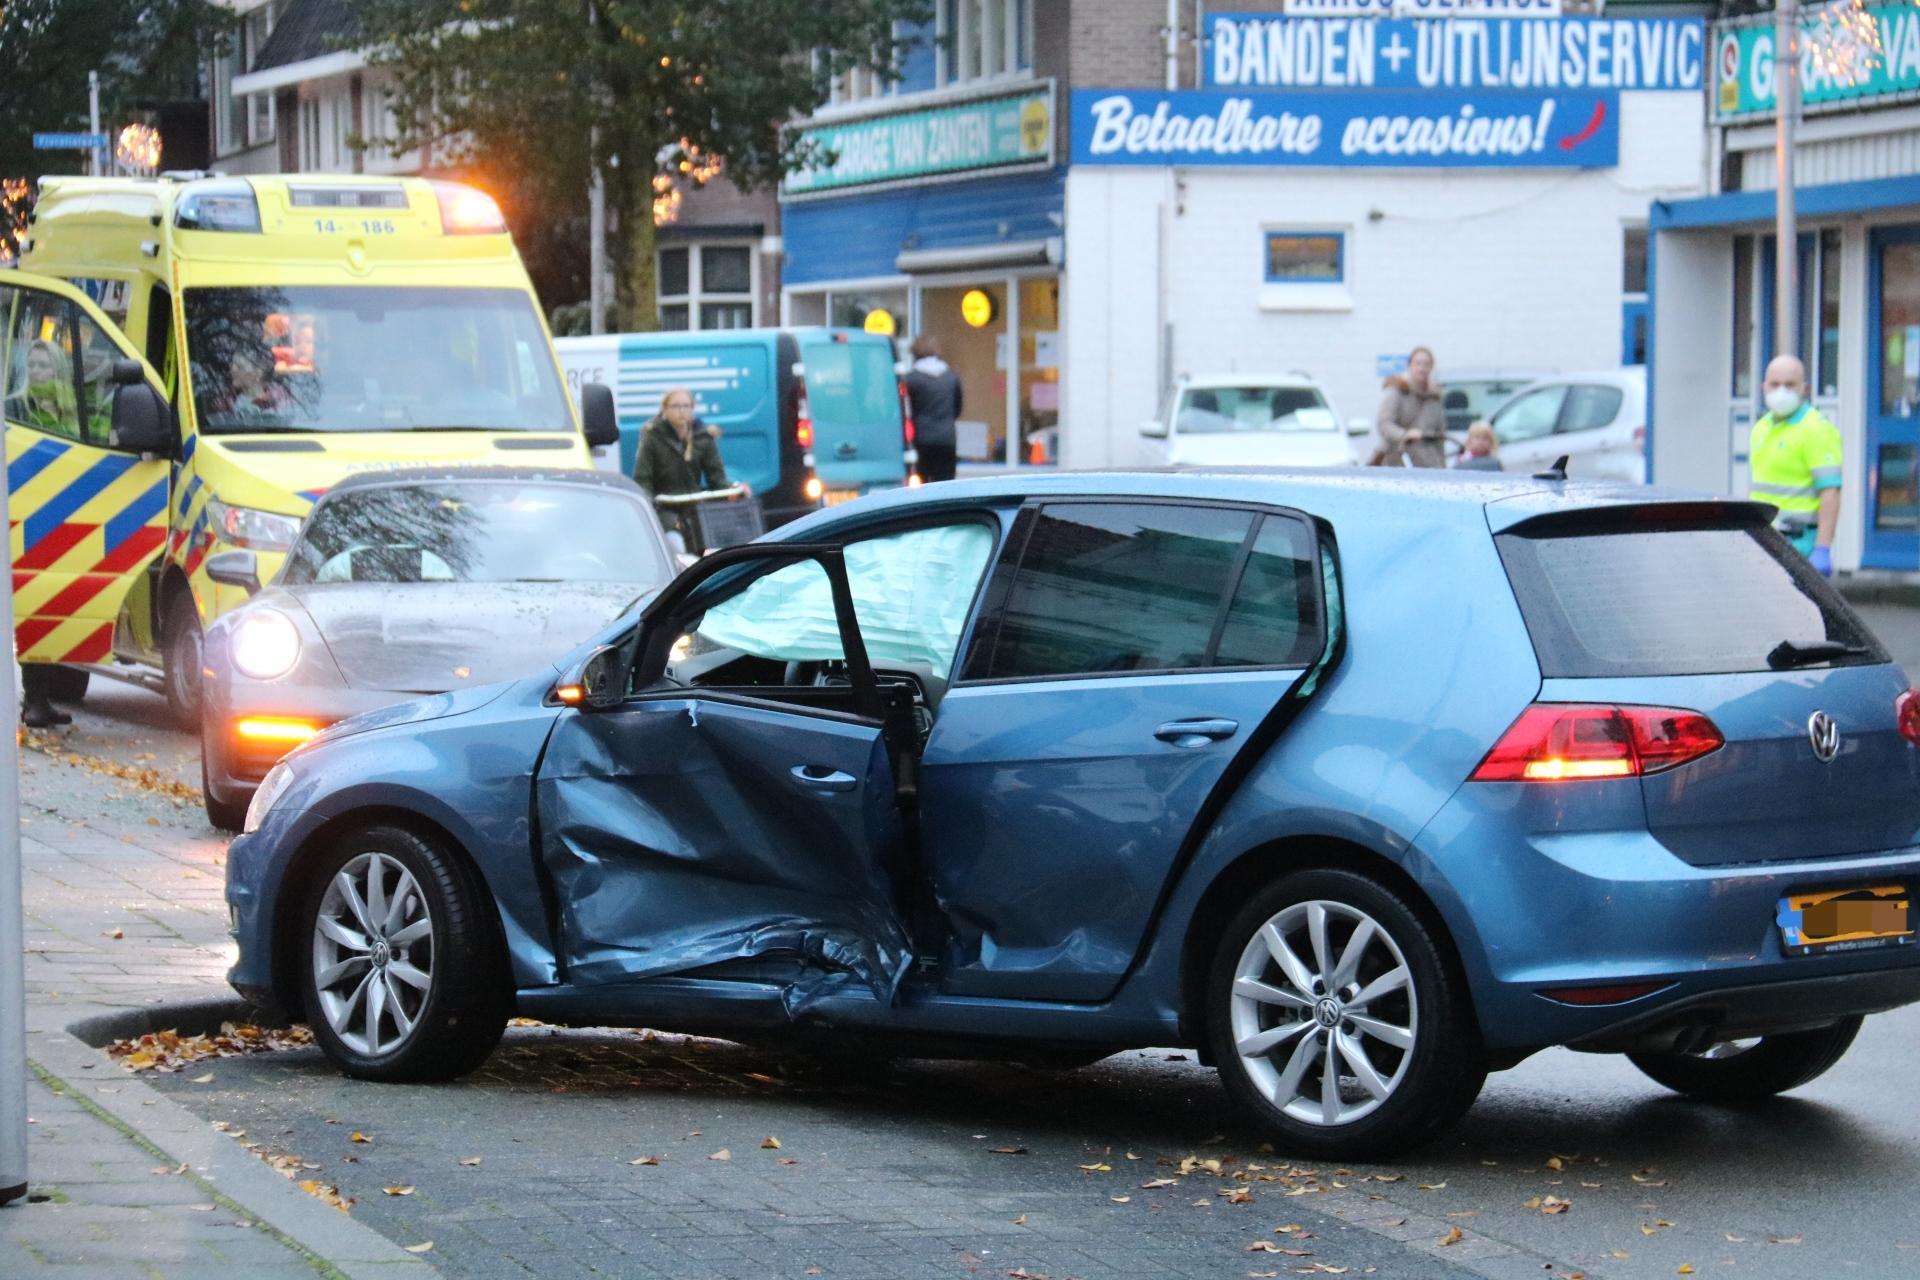 Porsche klapt op auto in Bussum. Niemand gewond, ook niet de inzittende kinderen. Wel een flinke file